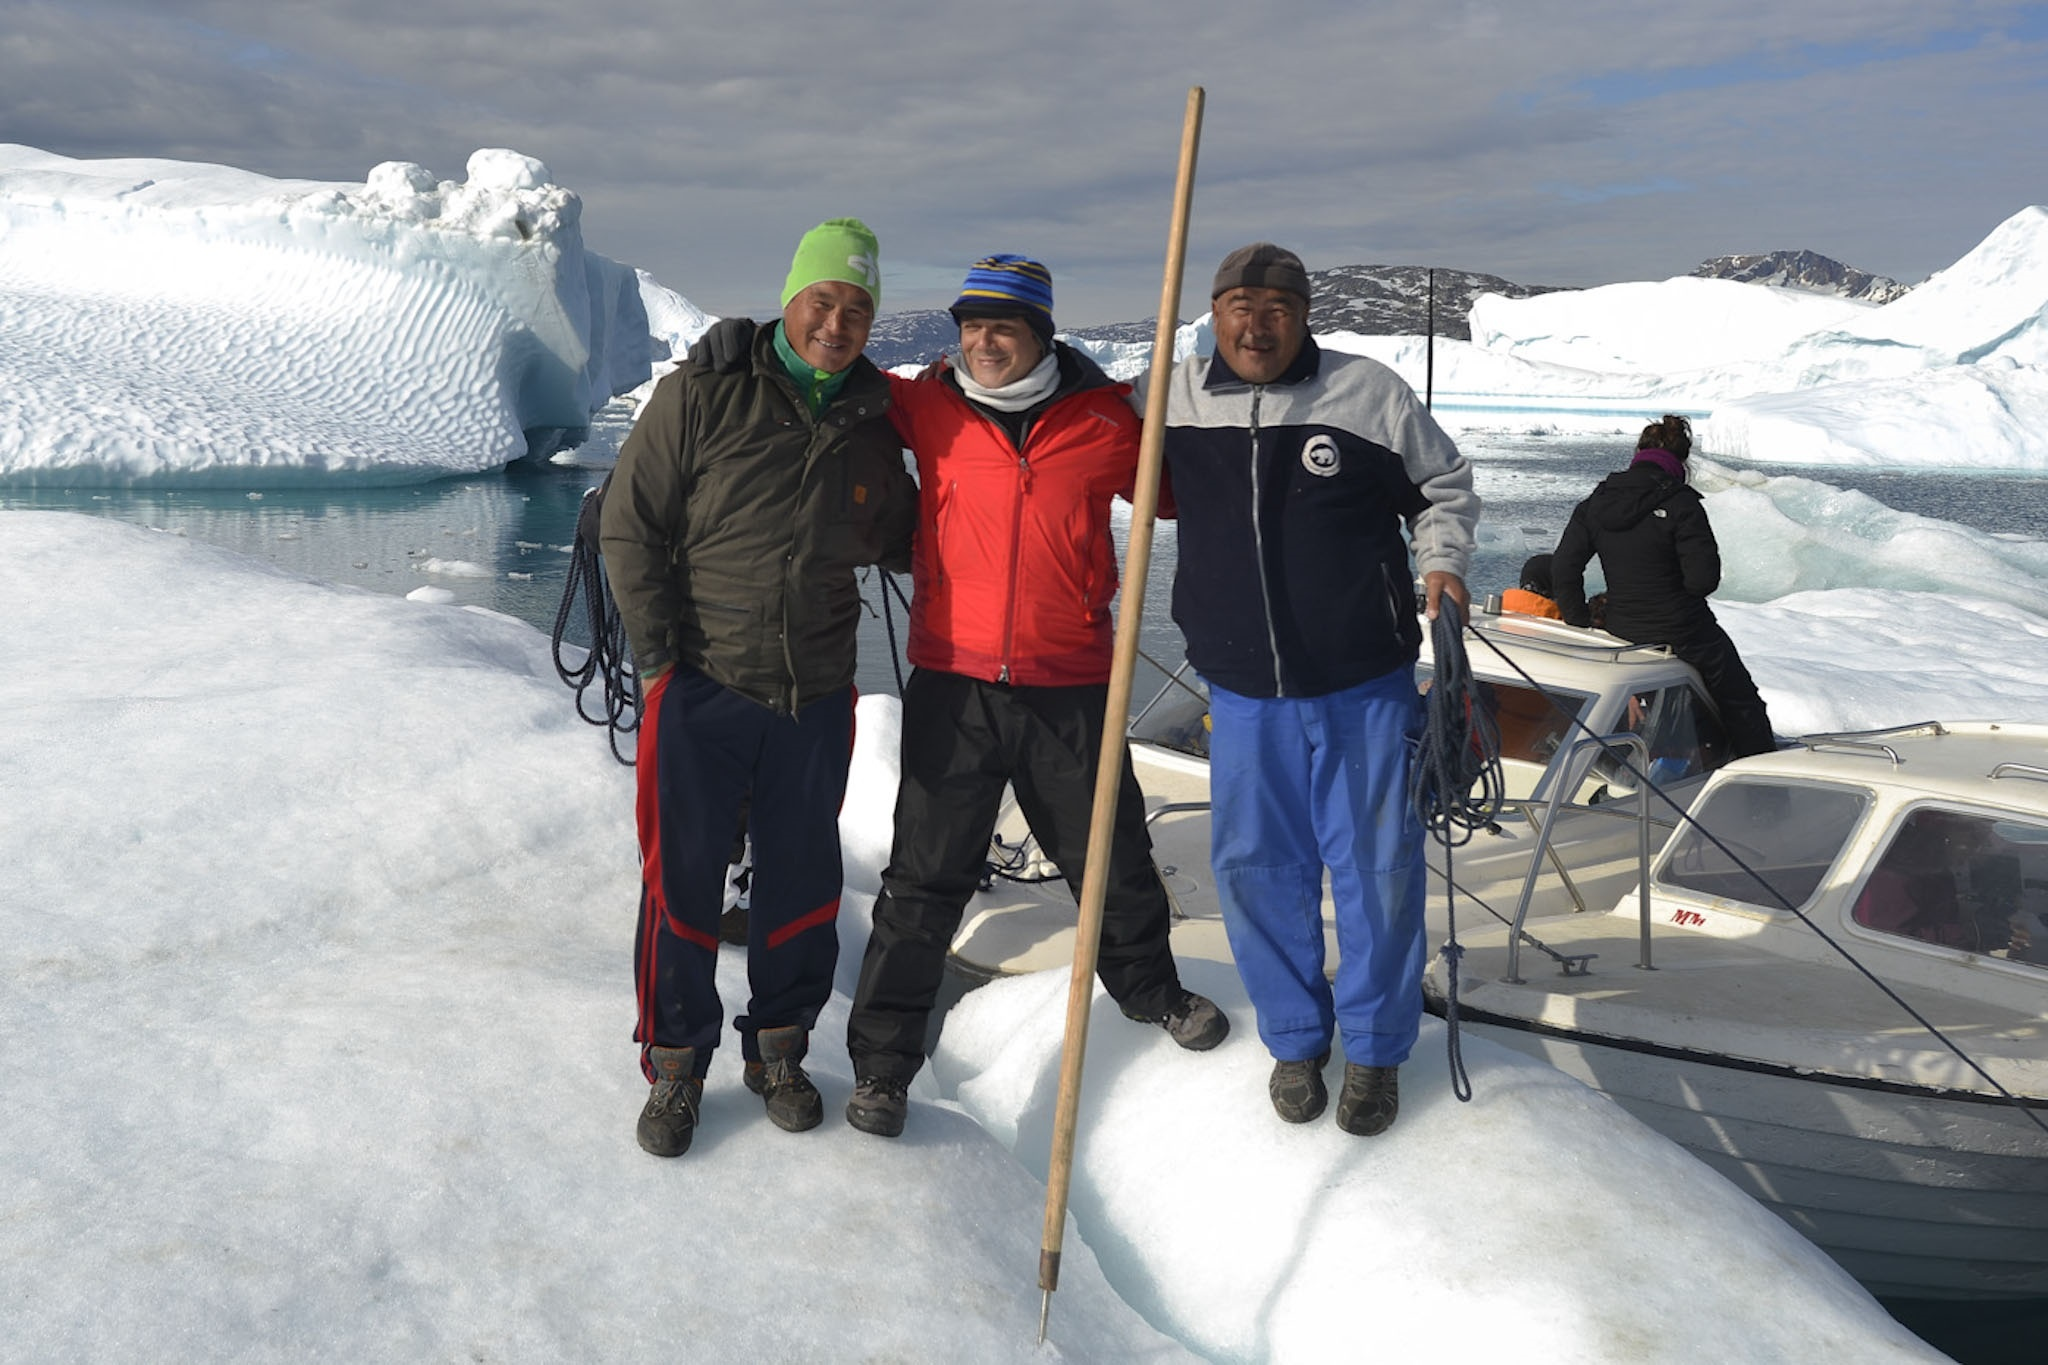 La expedición de Greenpeace, en la que viaja Alejandro Sanz, intentará alcanzar hoy el casquete polar ártico